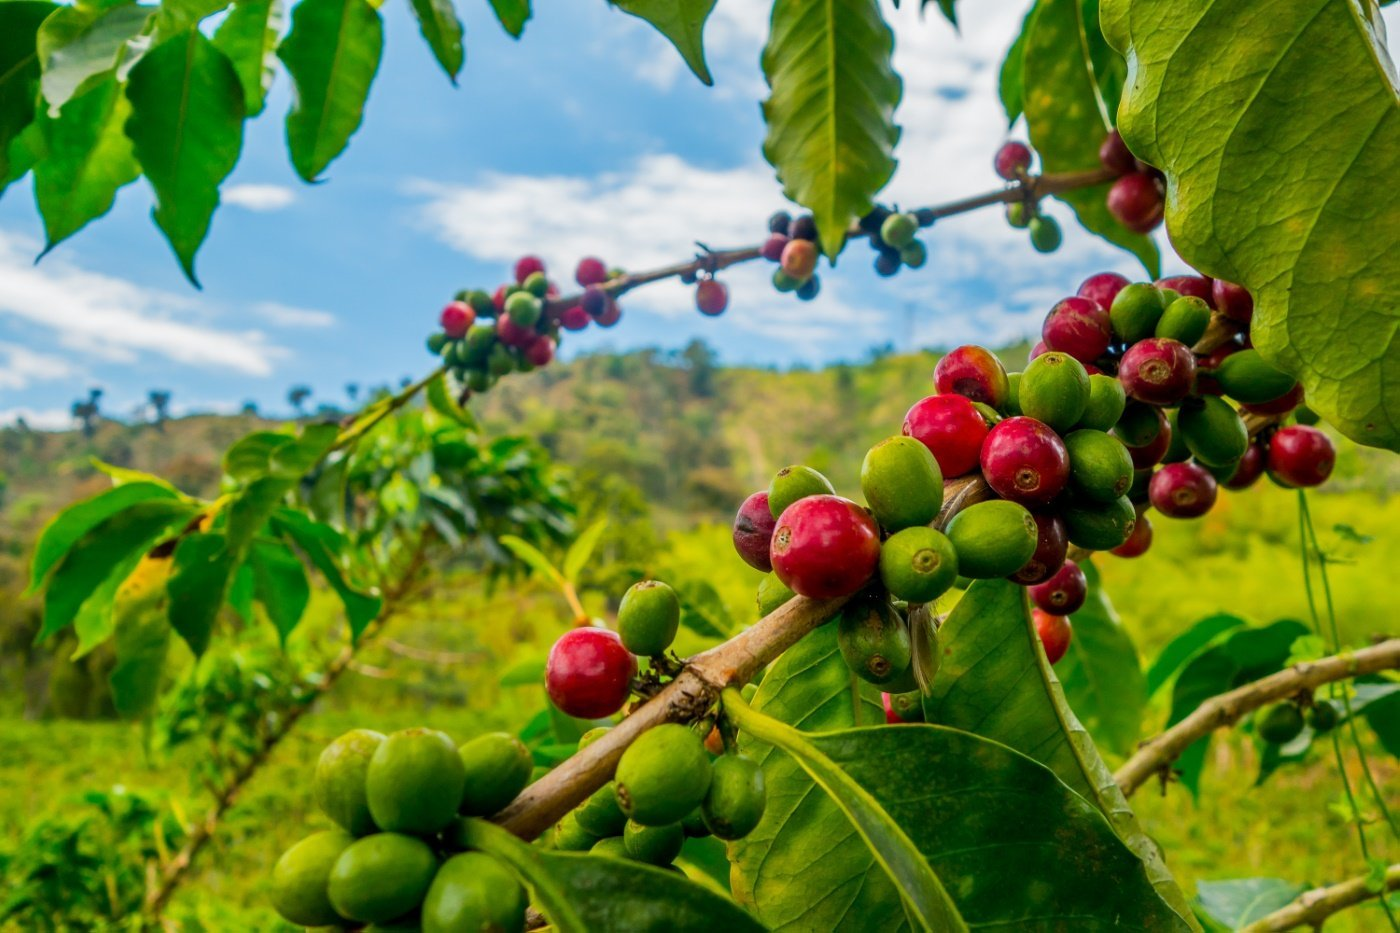 Granos de Café cultivados en las montañas del departamento del Quindío, Colombia.